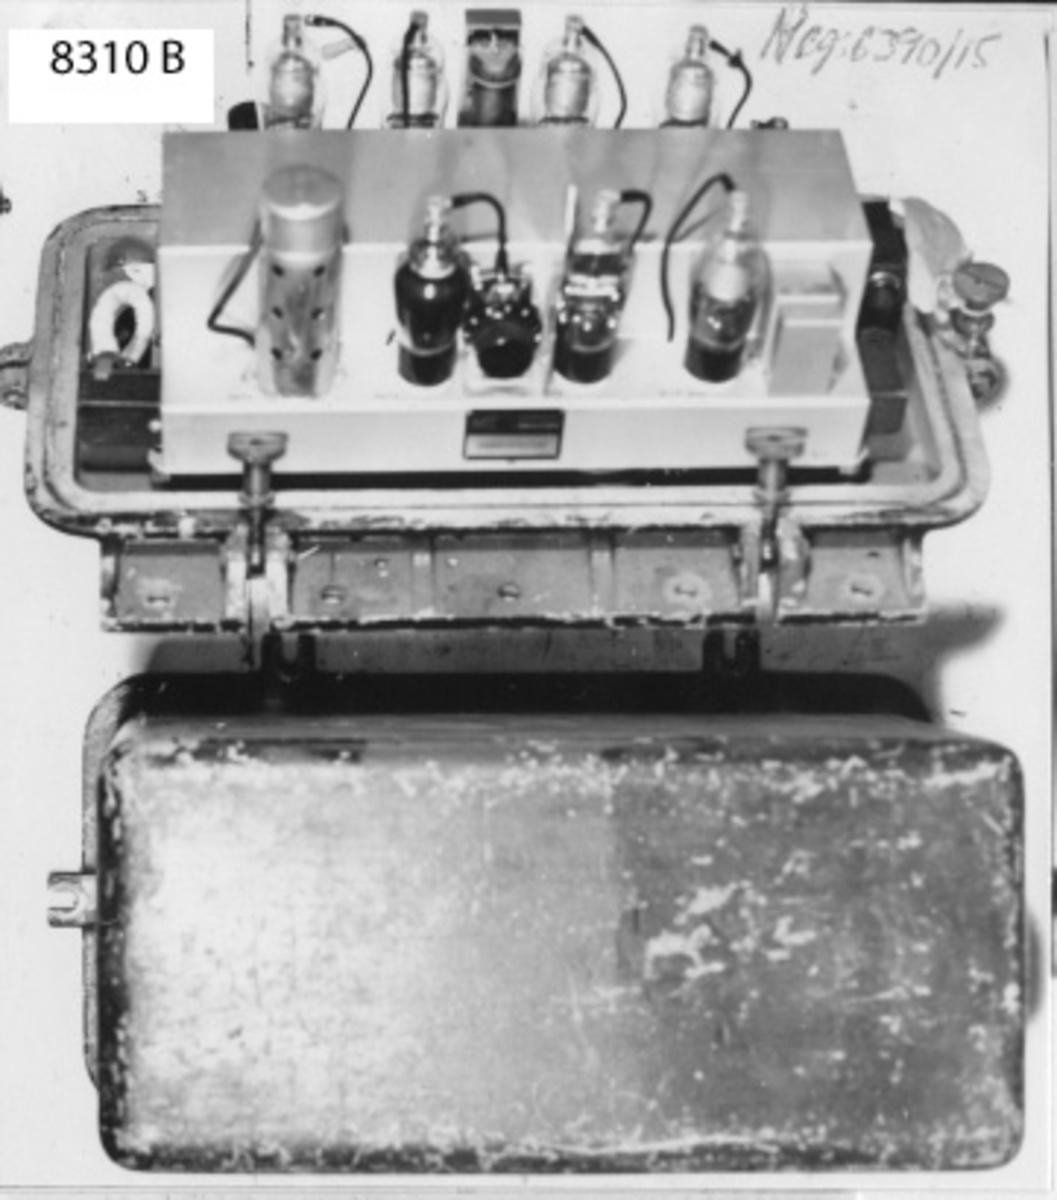 Frekvensmätare, monterad på en bottenplatta av lättmetall. En löstagbar kåpa omsluter hela apparaten. På bottenplattan finns 4 st. kabelintag. Mörkgrå.